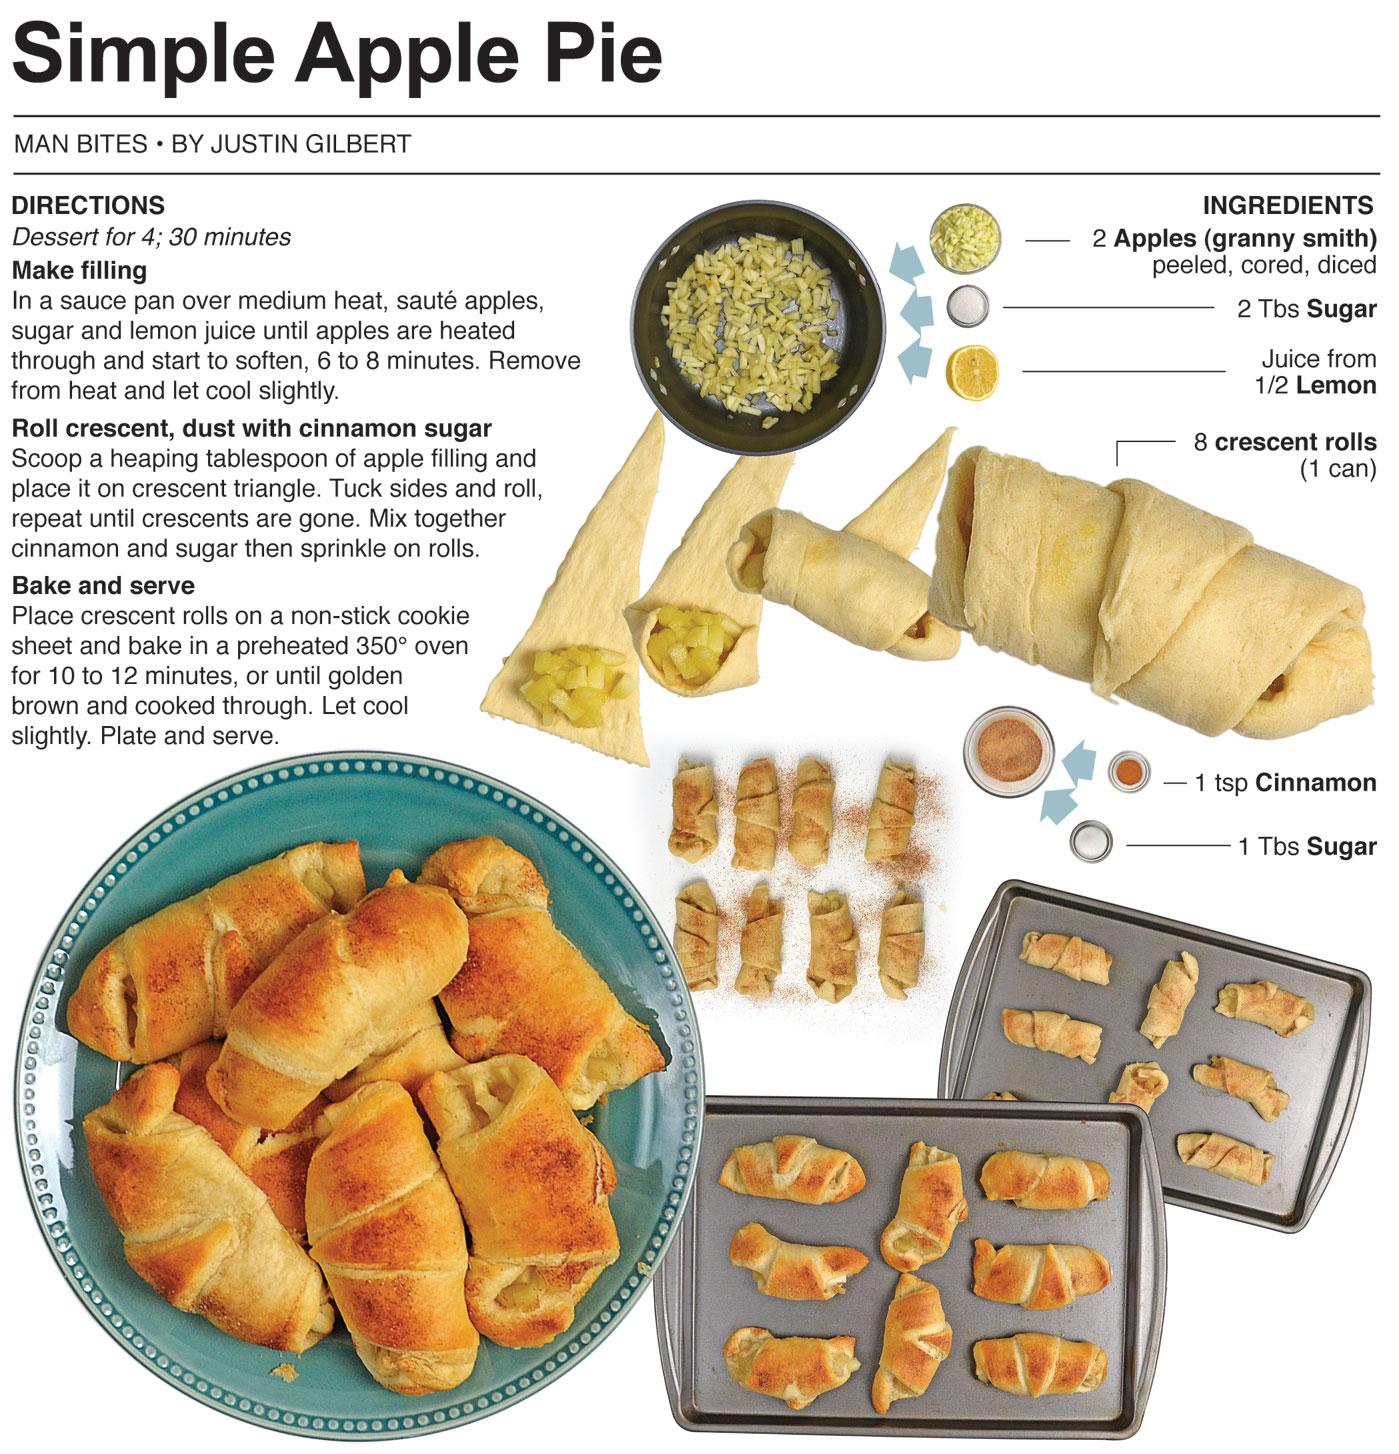 Simple Apple Pies